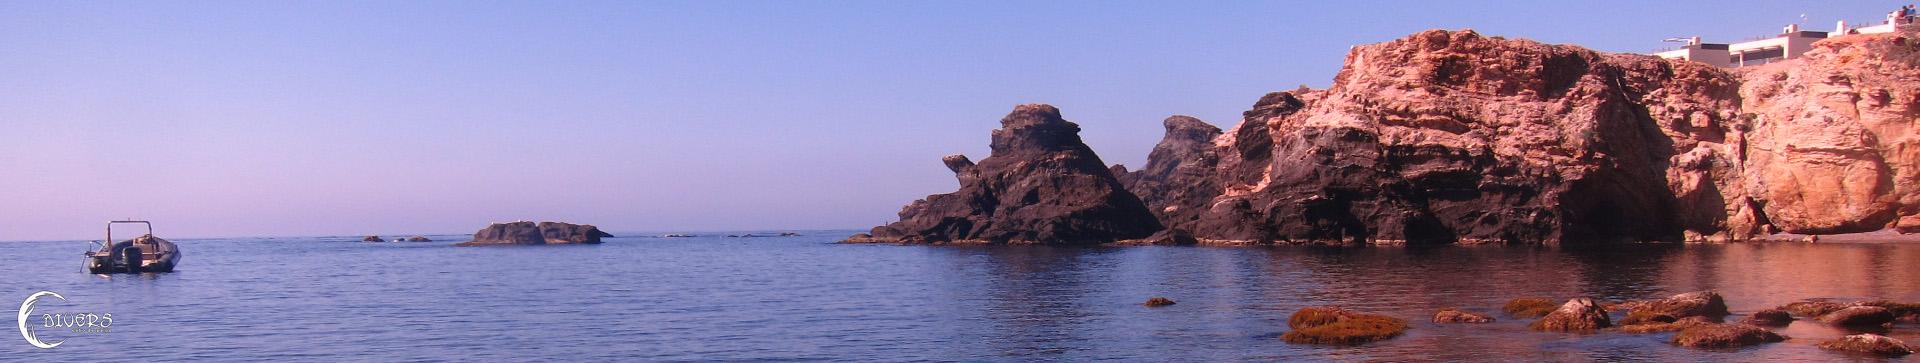 Buceando en Escalerita con Divers Cabo de Palos